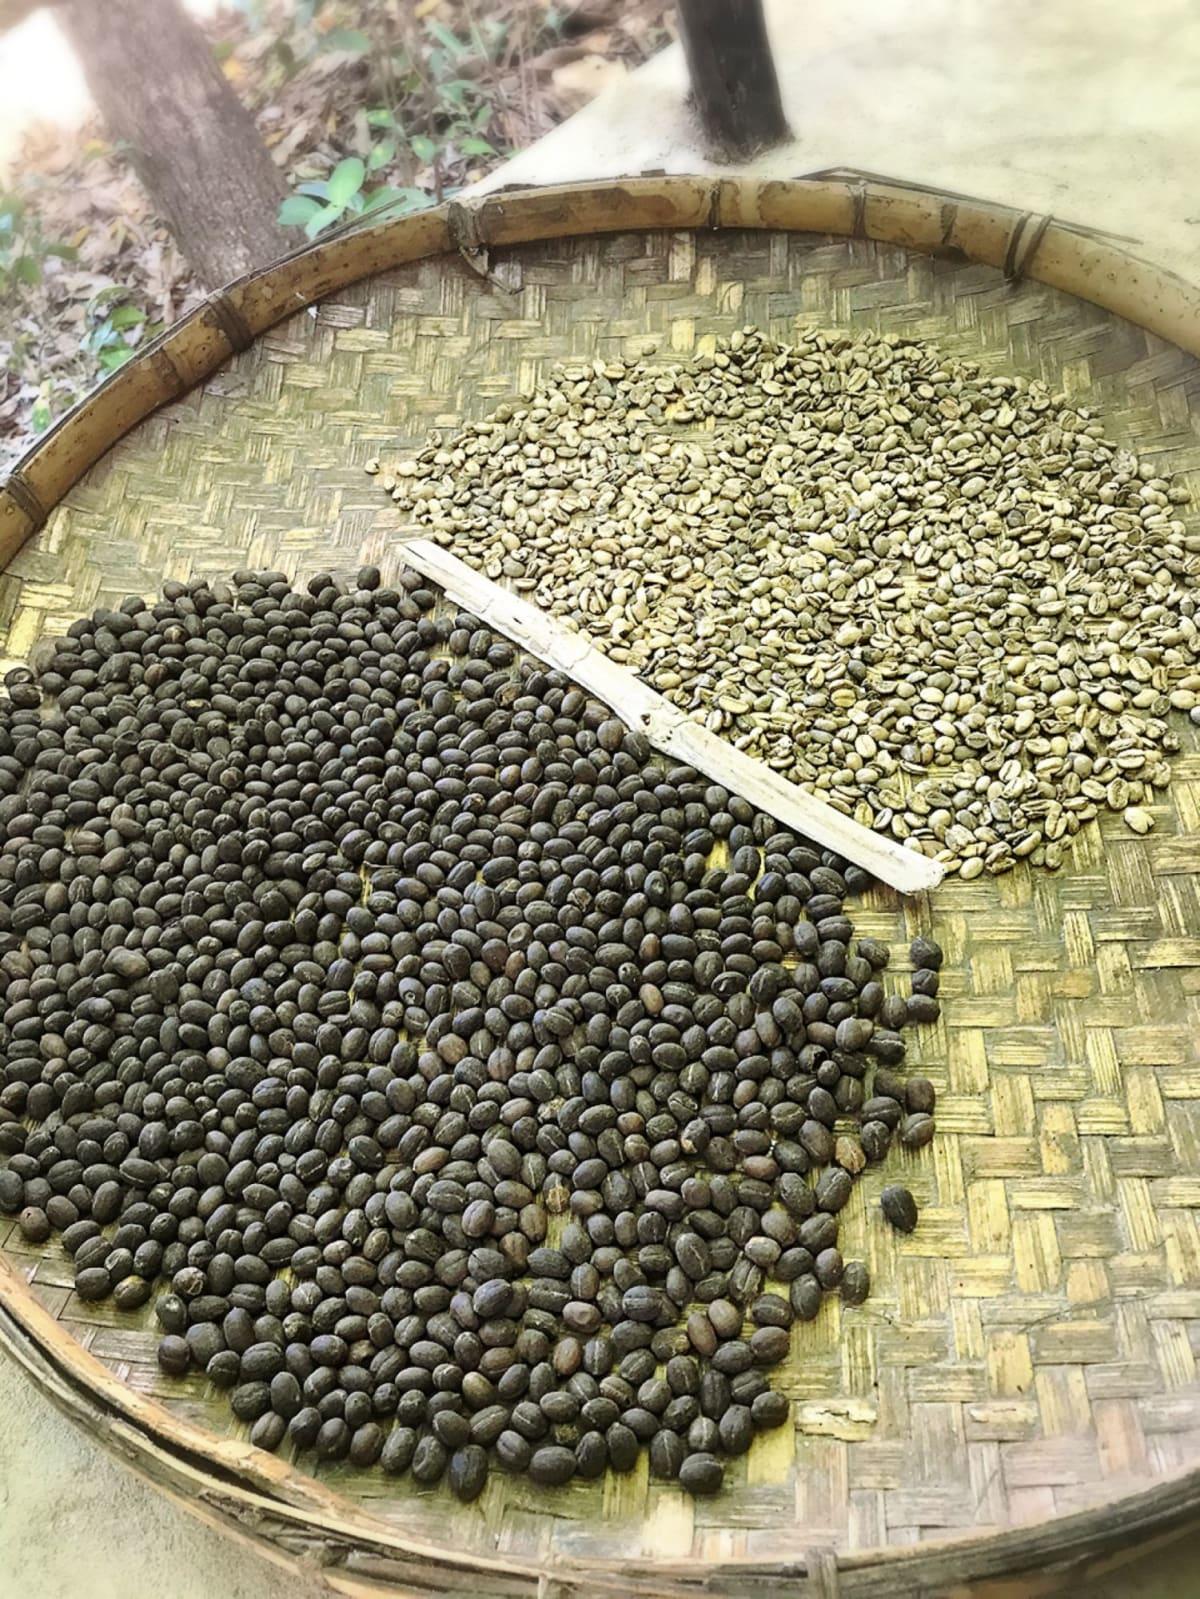 ハイチの村のにて。手作りの焙煎コーヒー。 | ラバディ